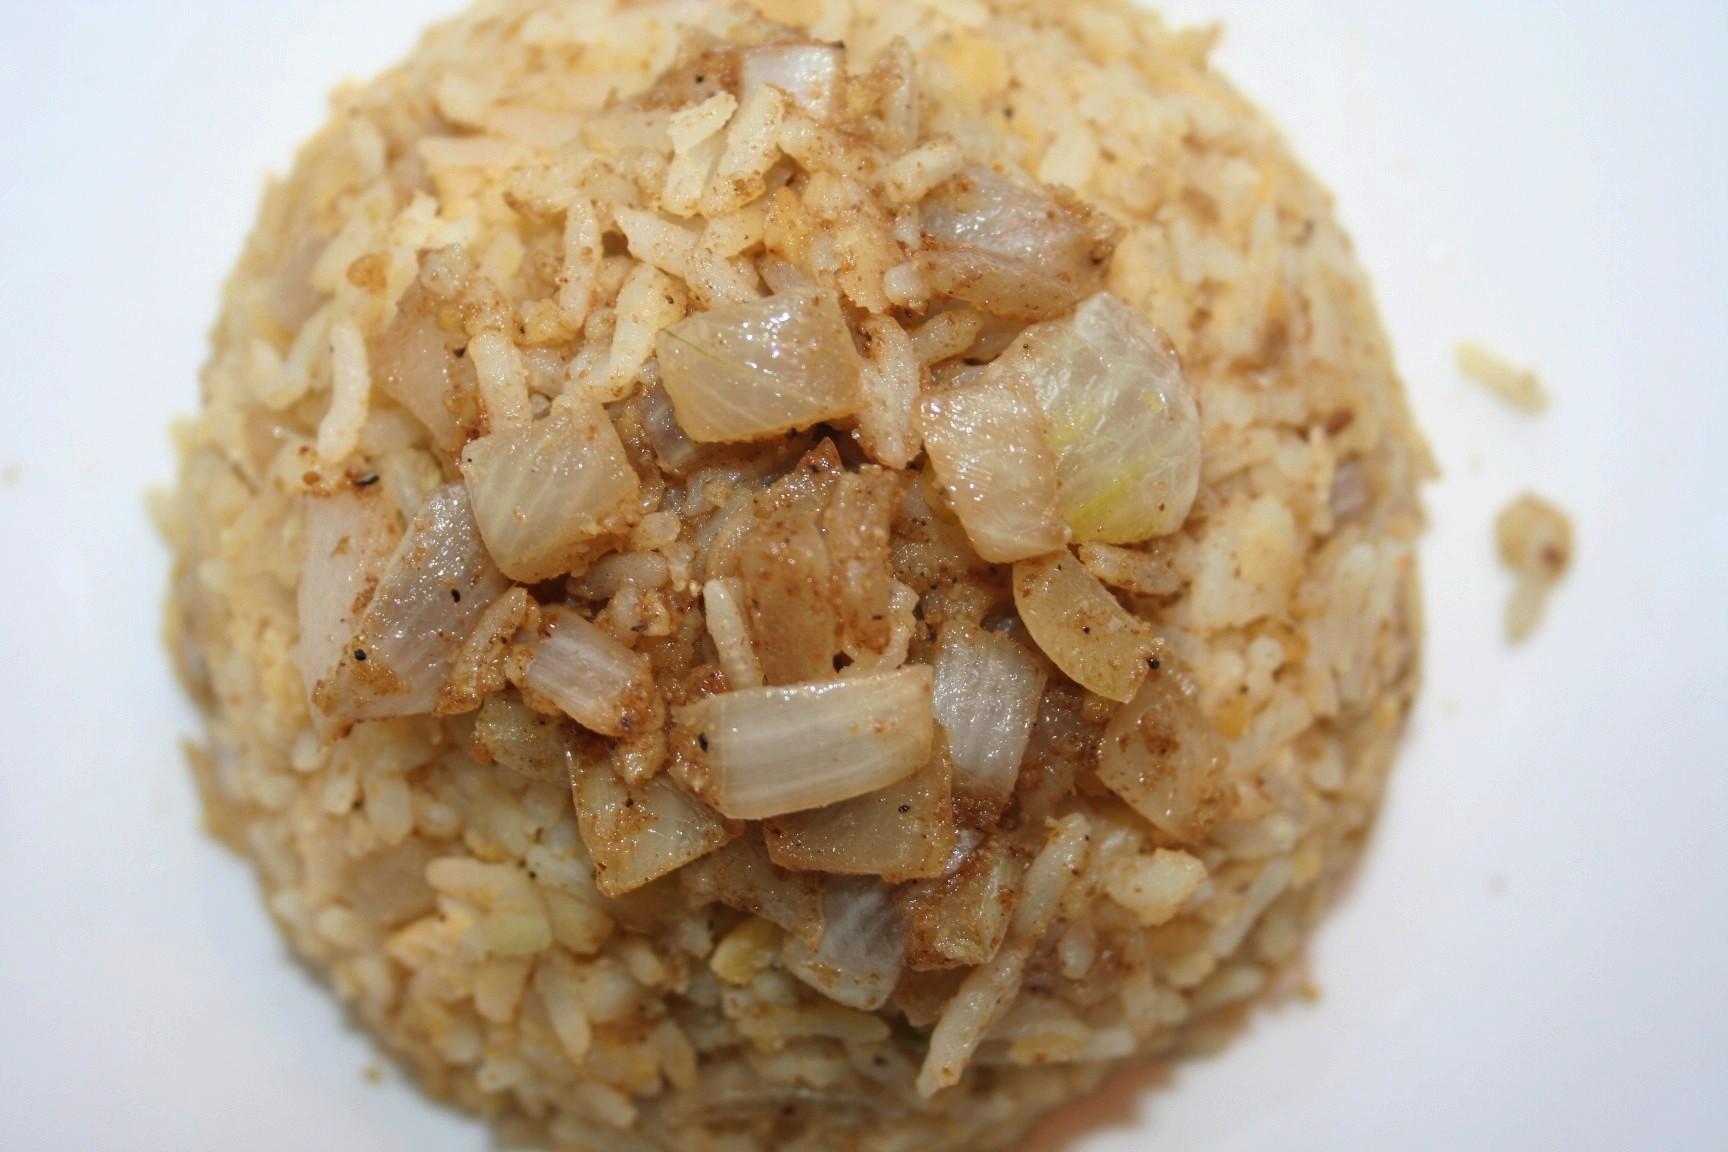 קיצ'רי – אורז עם עדשים כתומות